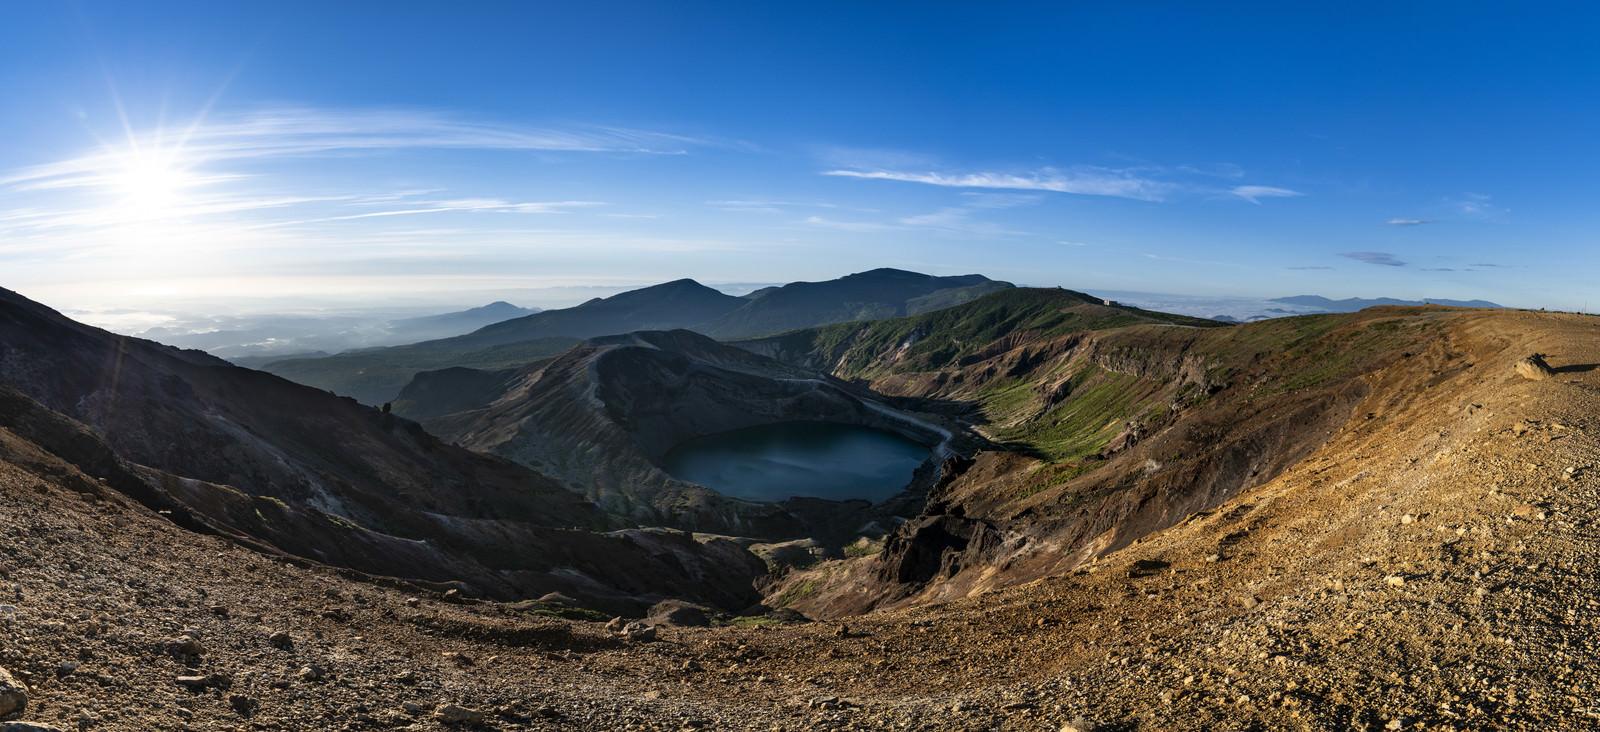 「蔵王山の火口(大パノラマ)」の写真